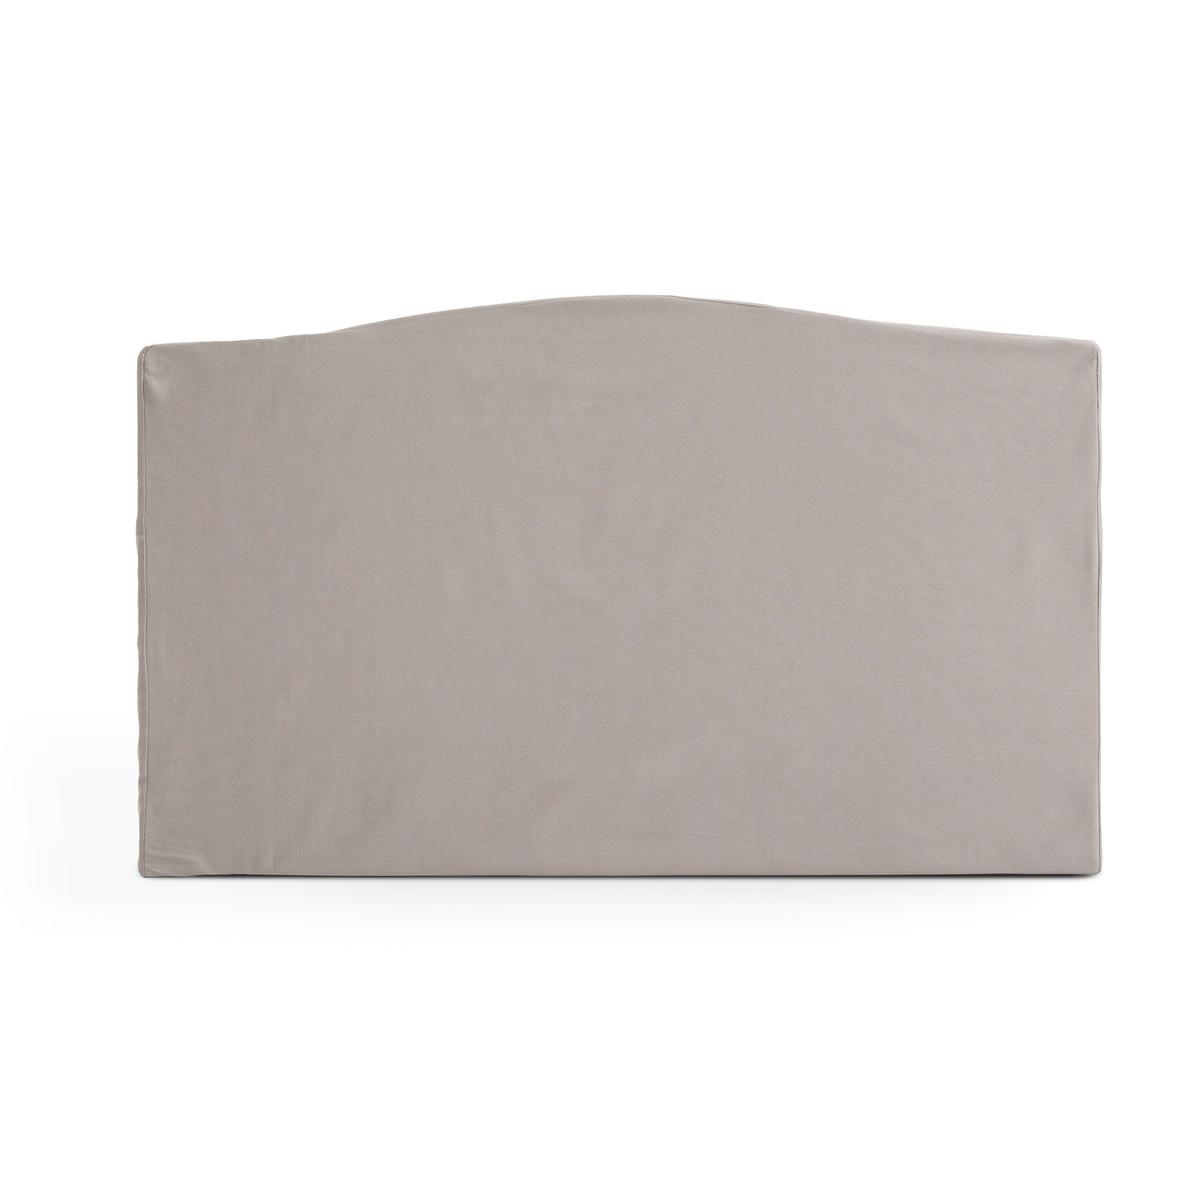 Чехол для изголовья кровати округлой формы от La Redoute